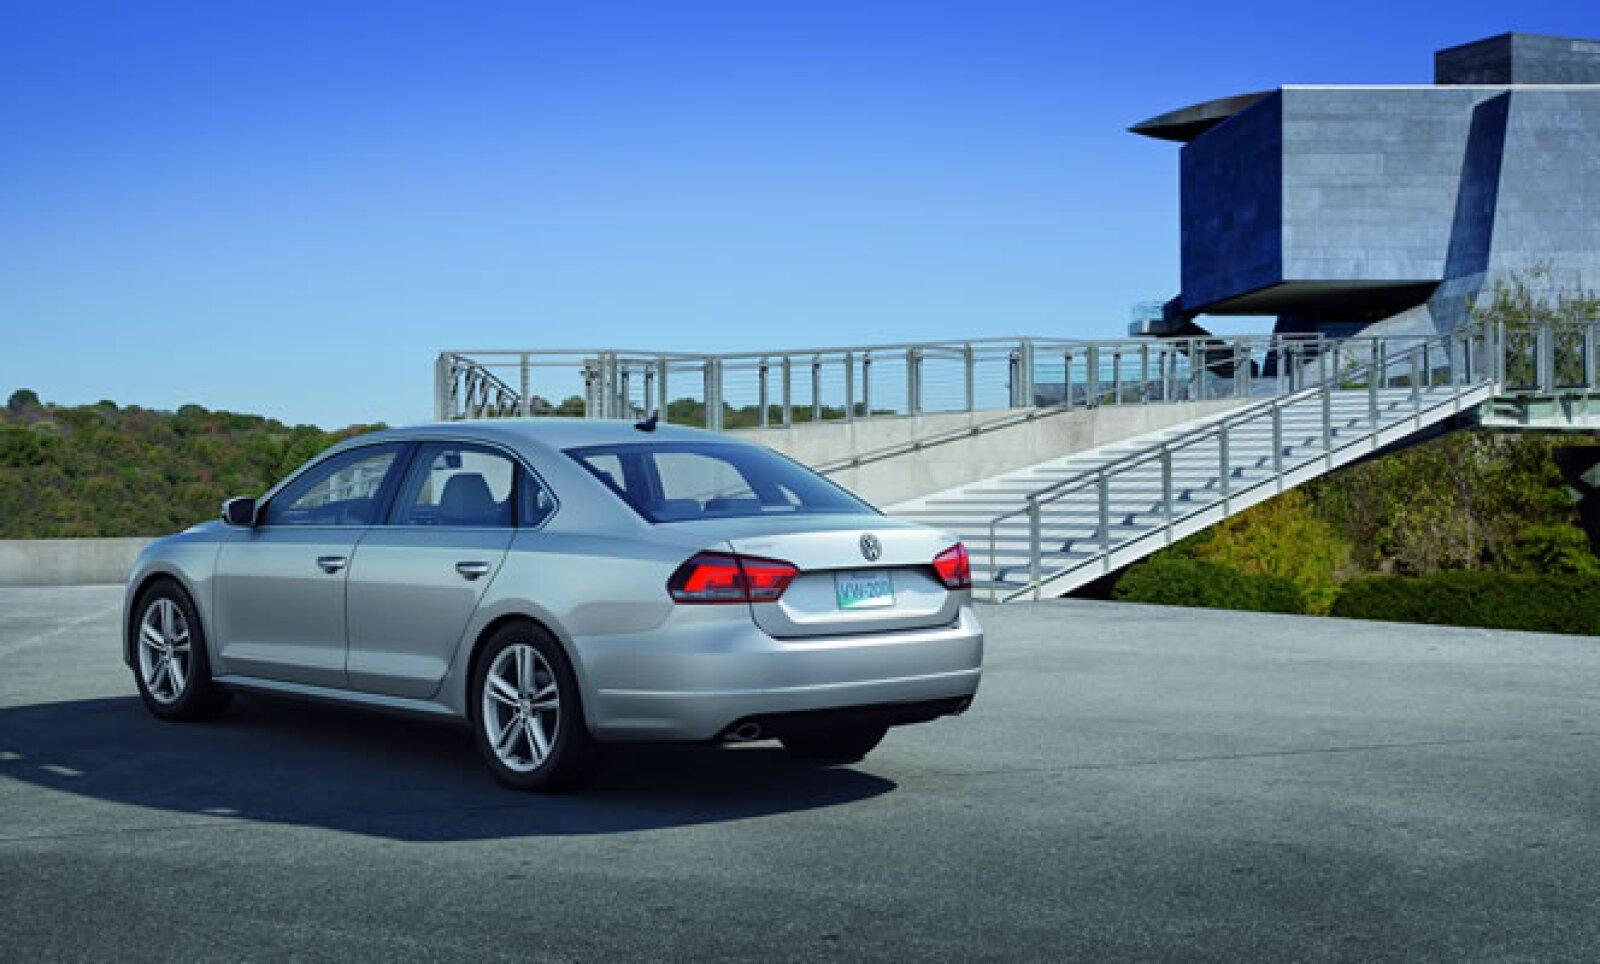 La parte trasera del Nuevo Passat 2012 adopta el estilo frontal con el dominio de líneas horizontales, calaveras en dos piezas montadas sobre la salpicadera del vehículo y en el portón trasero.